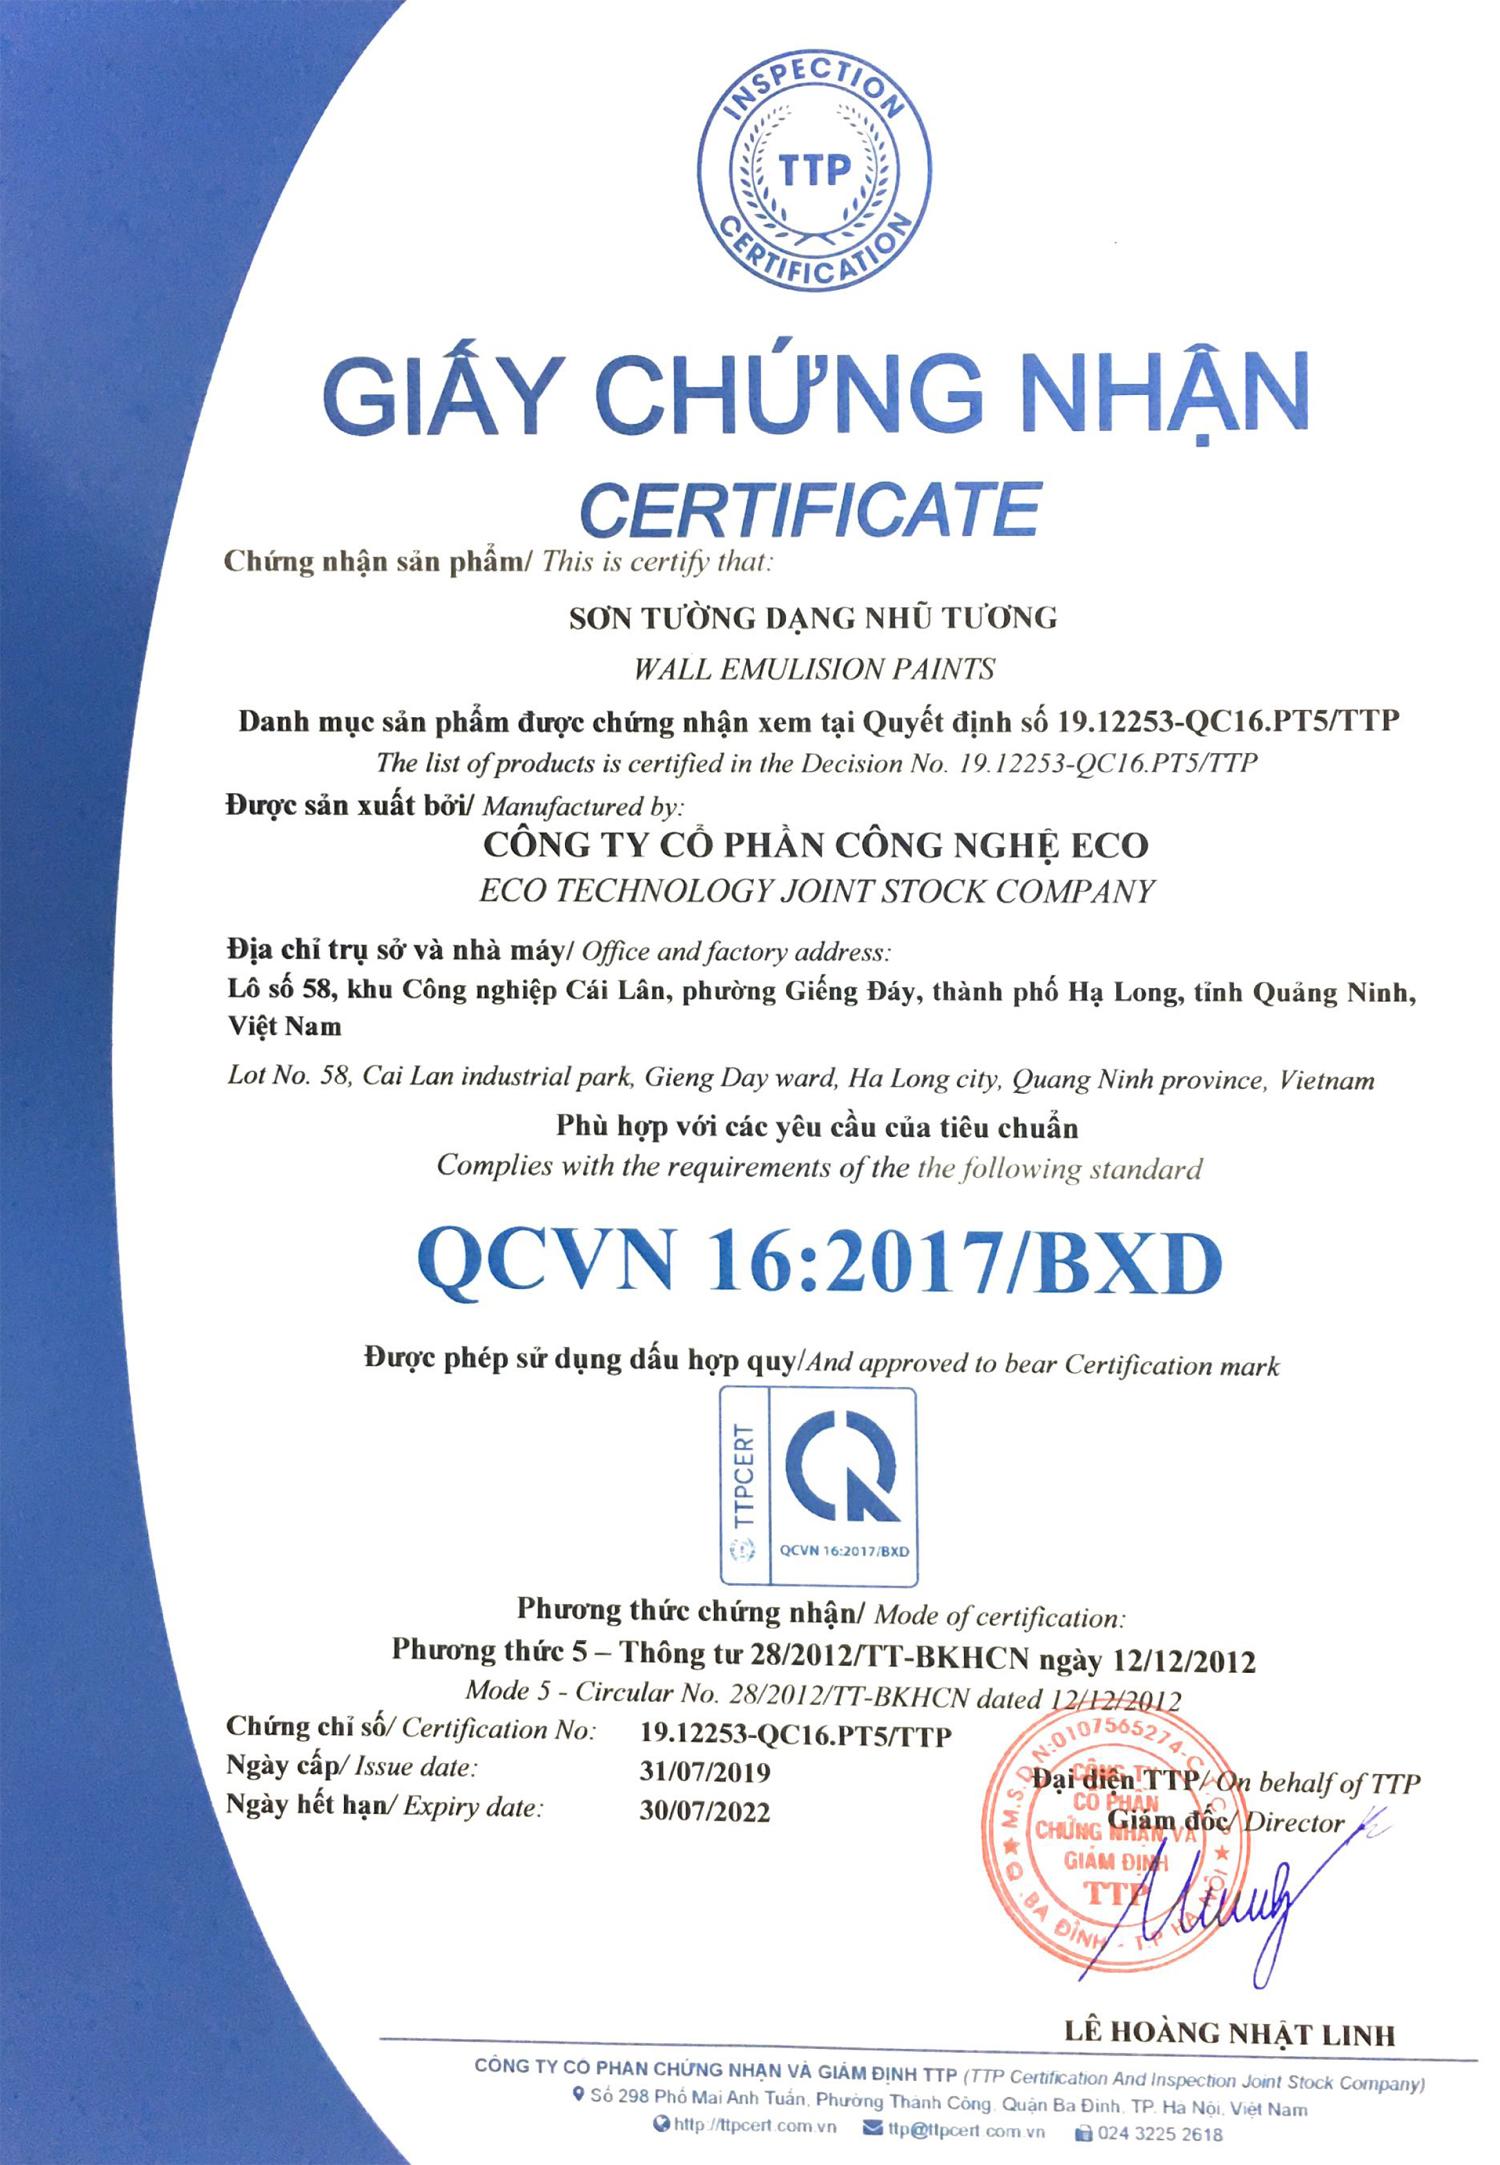 Giấy chứng nhận sản phẩm QCVN 16:2017/BXD